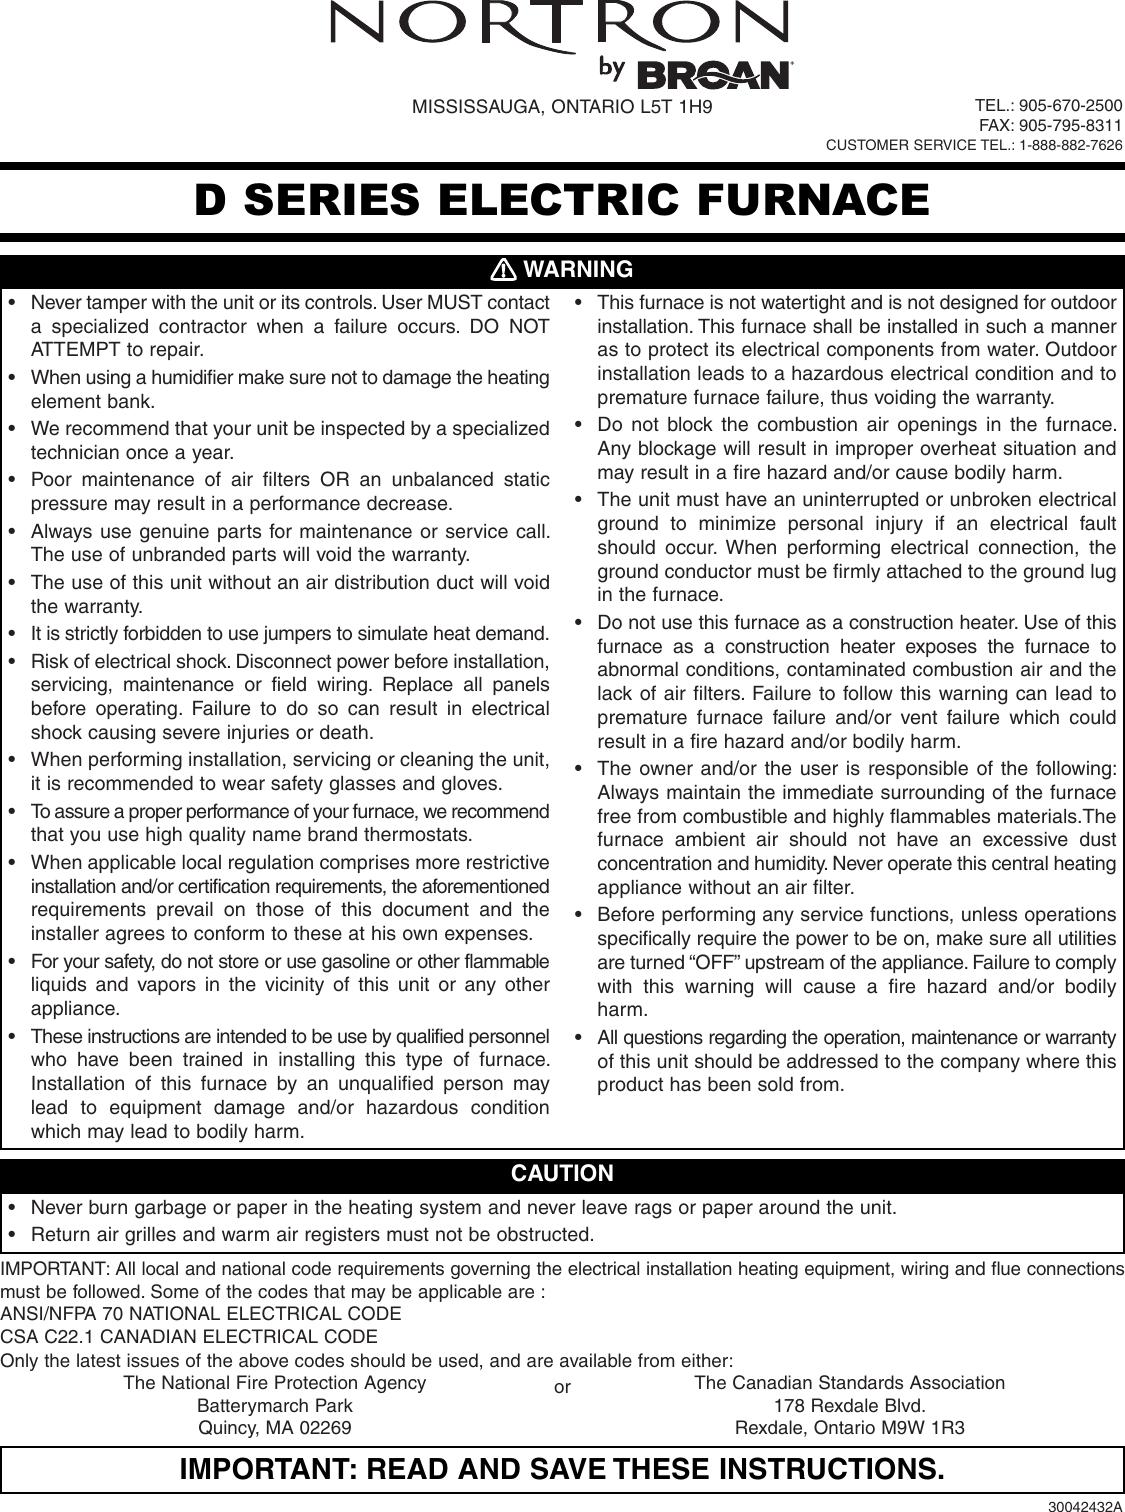 Norton Electric Furnace Wiring Diagram